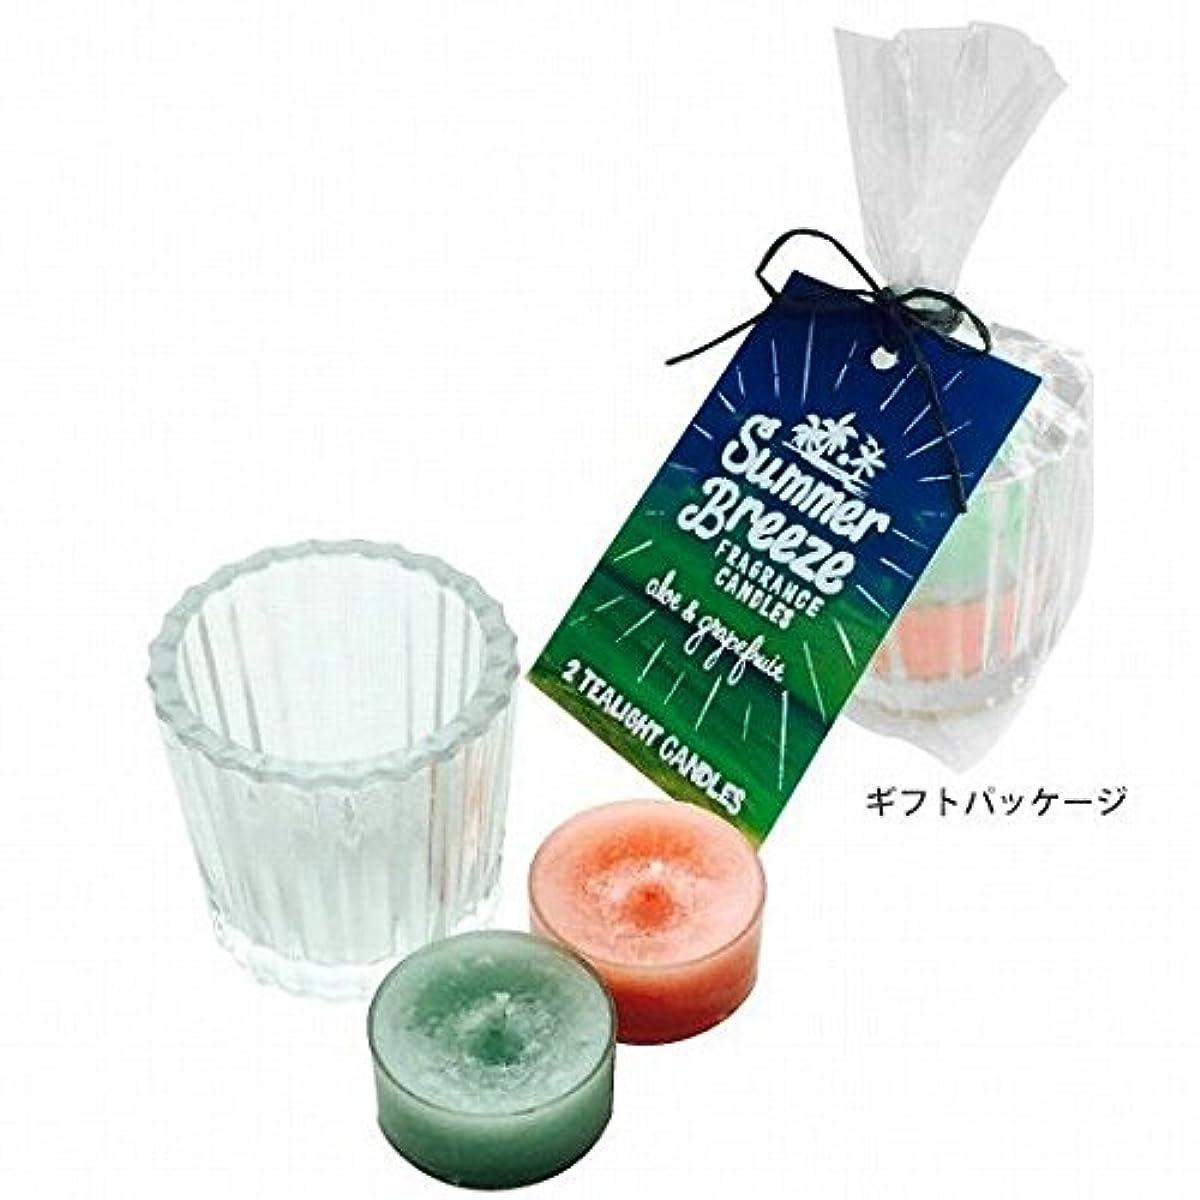 ジョセフバンクス散逸歩行者kameyama candle(カメヤマキャンドル) サマーブリーズティーライトキャンドルセット(K5090001)